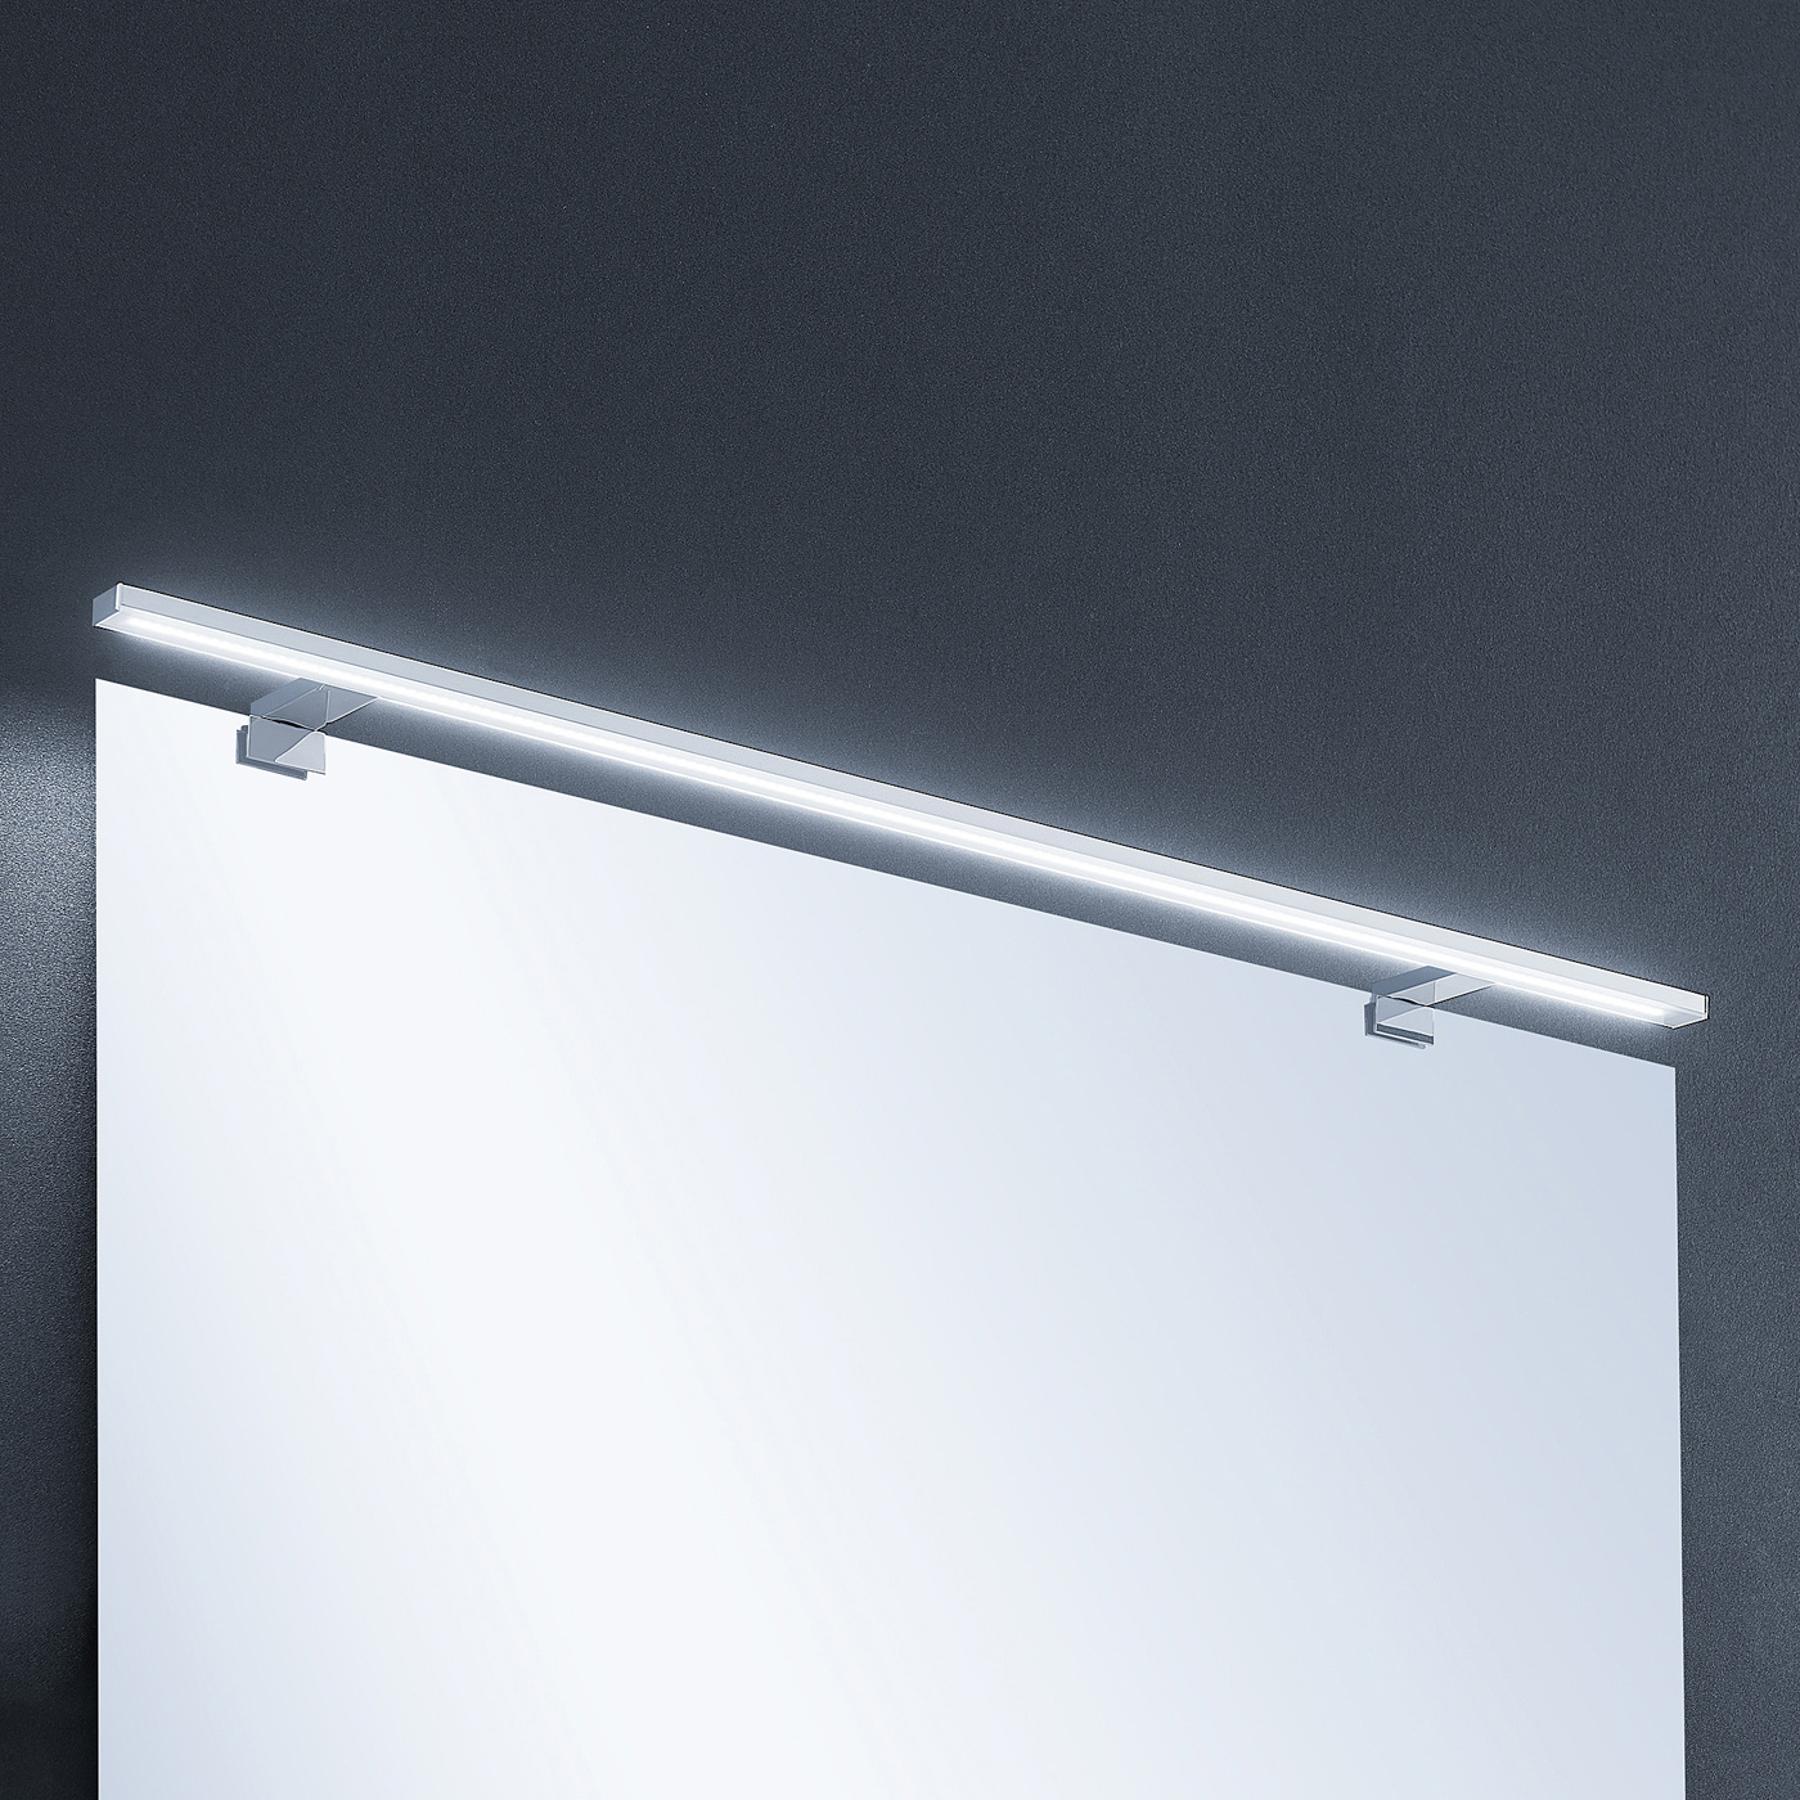 Lindby Lusano applique salle de bain LED aluminium